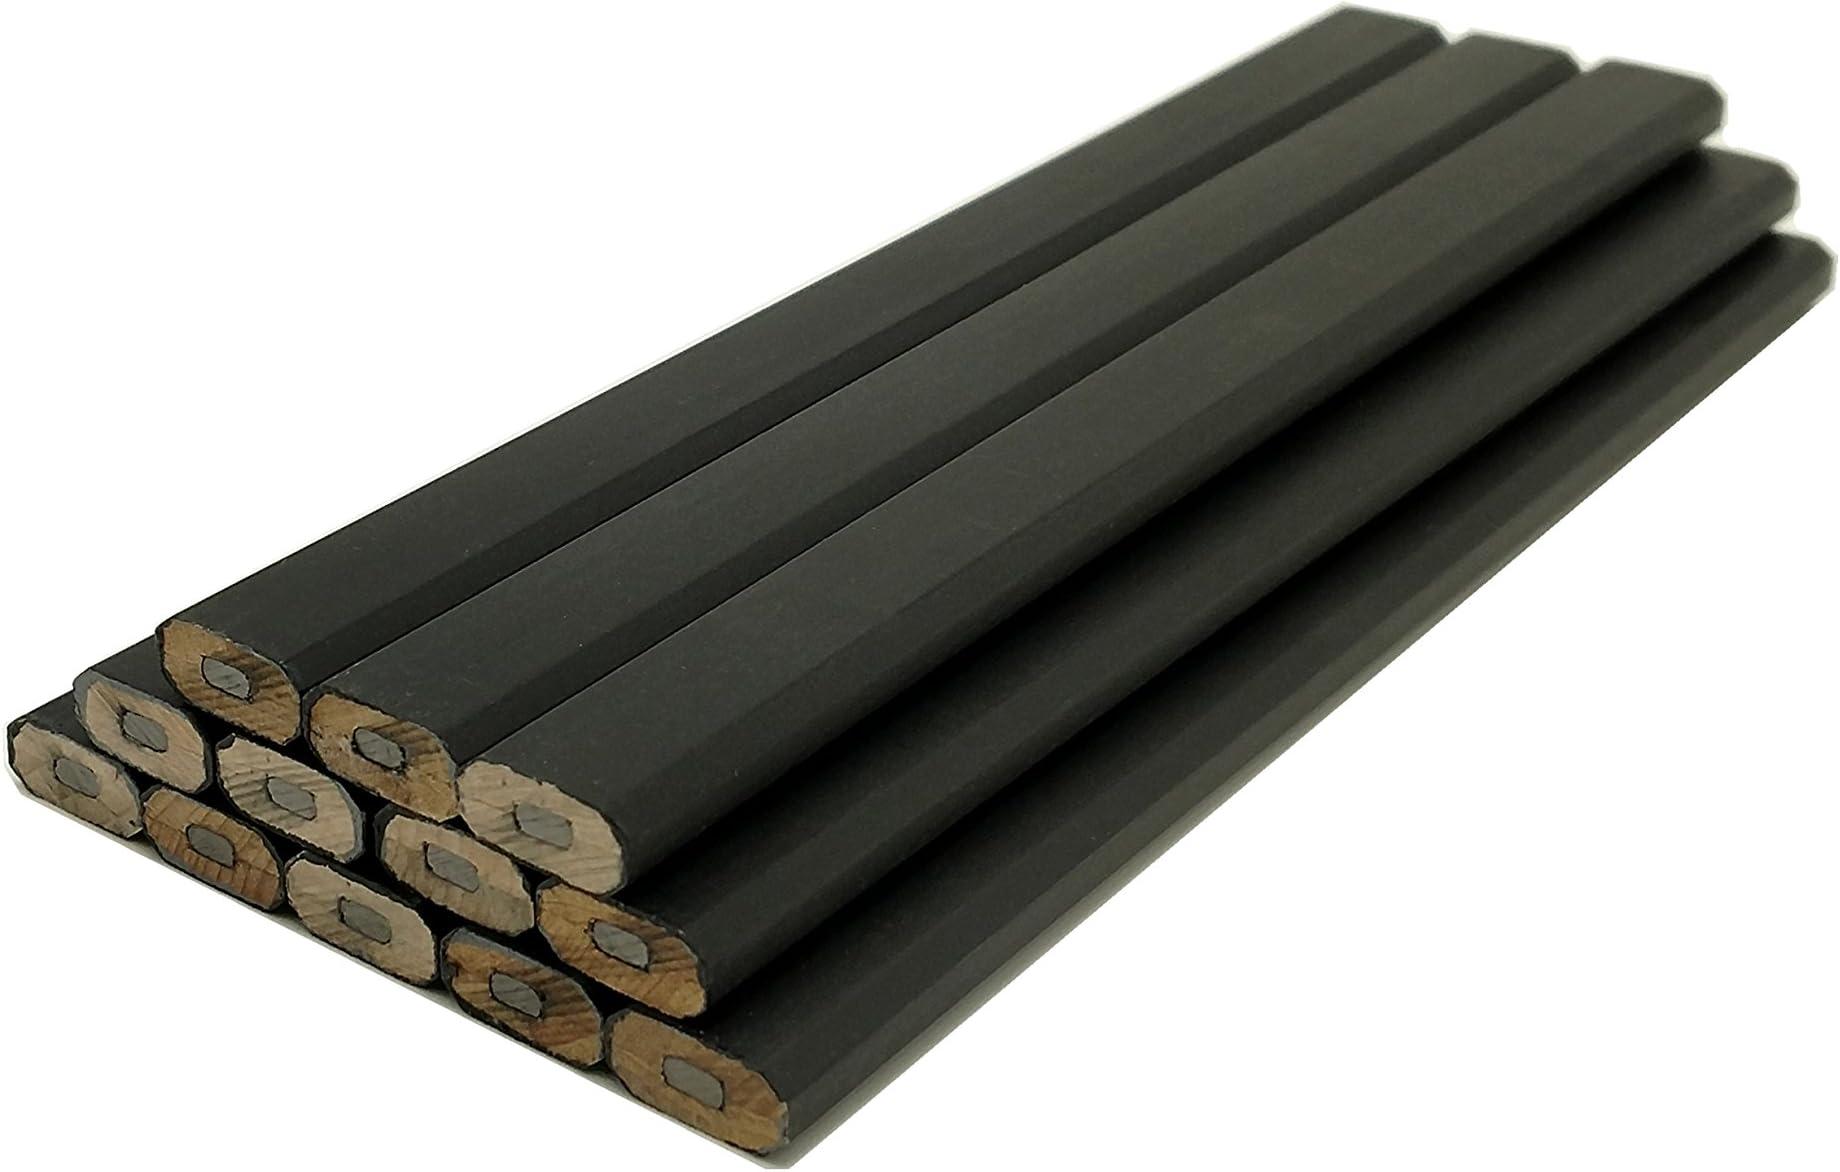 Impex Carpenter Pencils - 72pc Half Gross Set (Wholesale Bulk Lot of 72pcs)